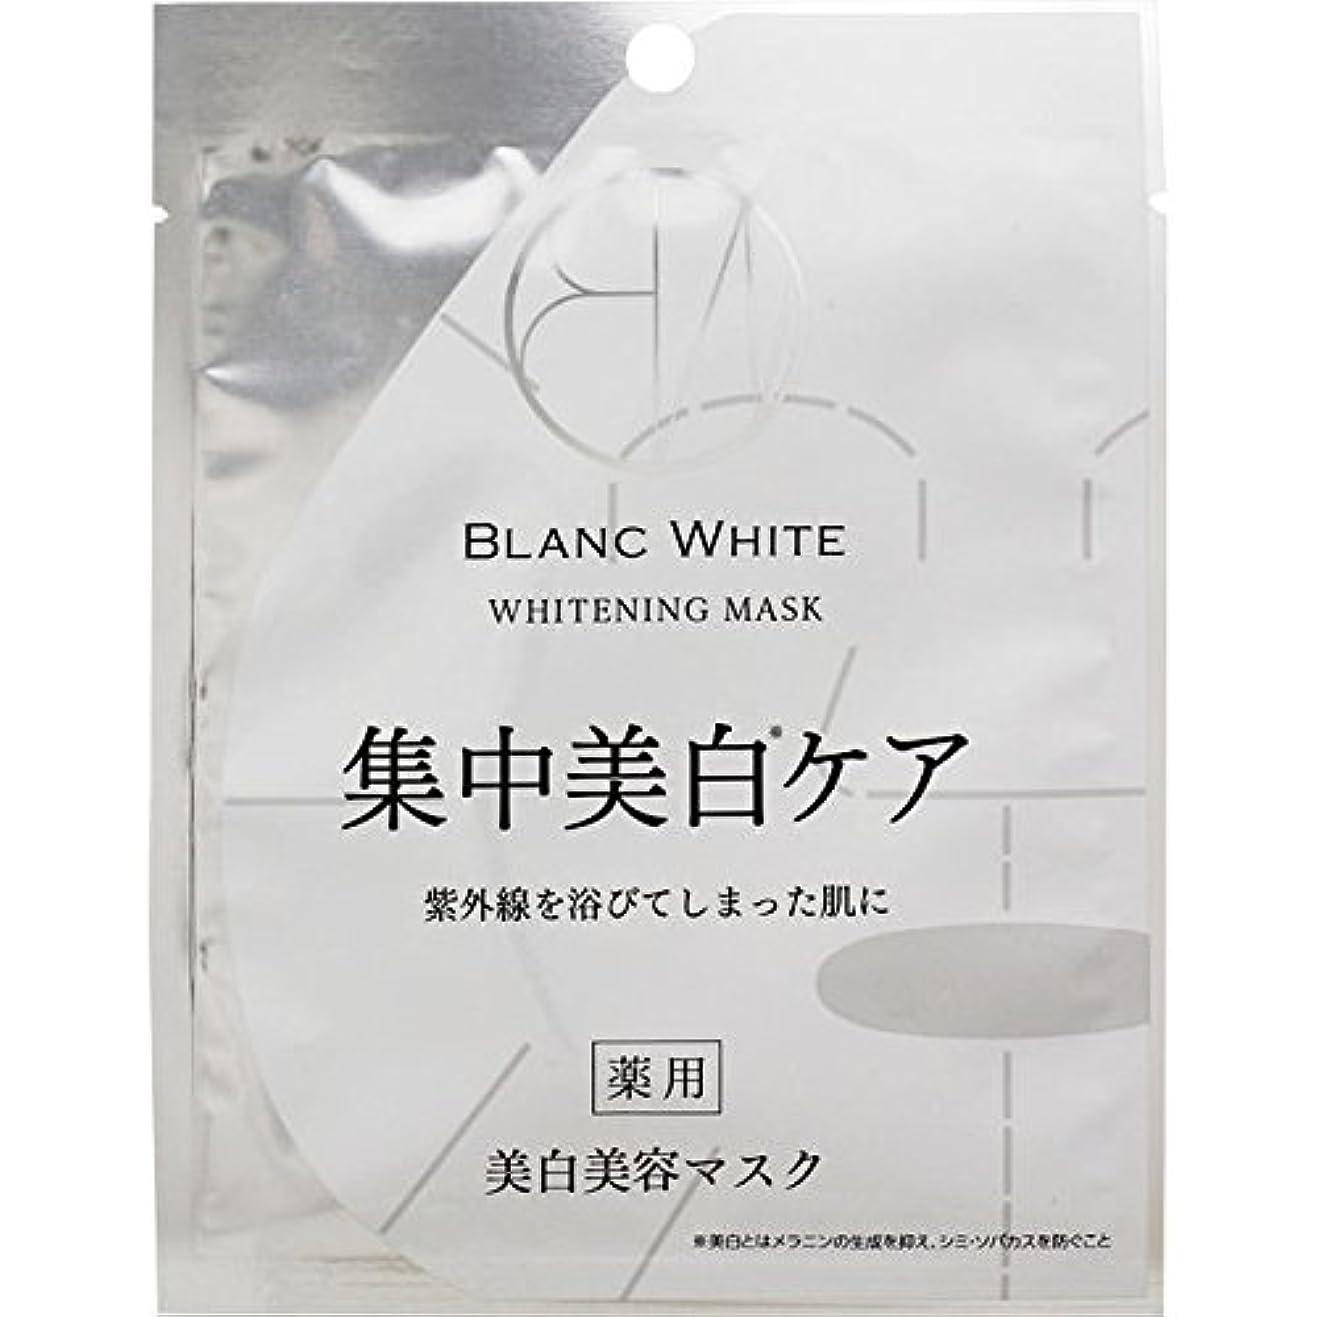 栄養照らす口実ブランホワイト ホワイトニングマスク 1枚【21ml】 (医薬部外品)